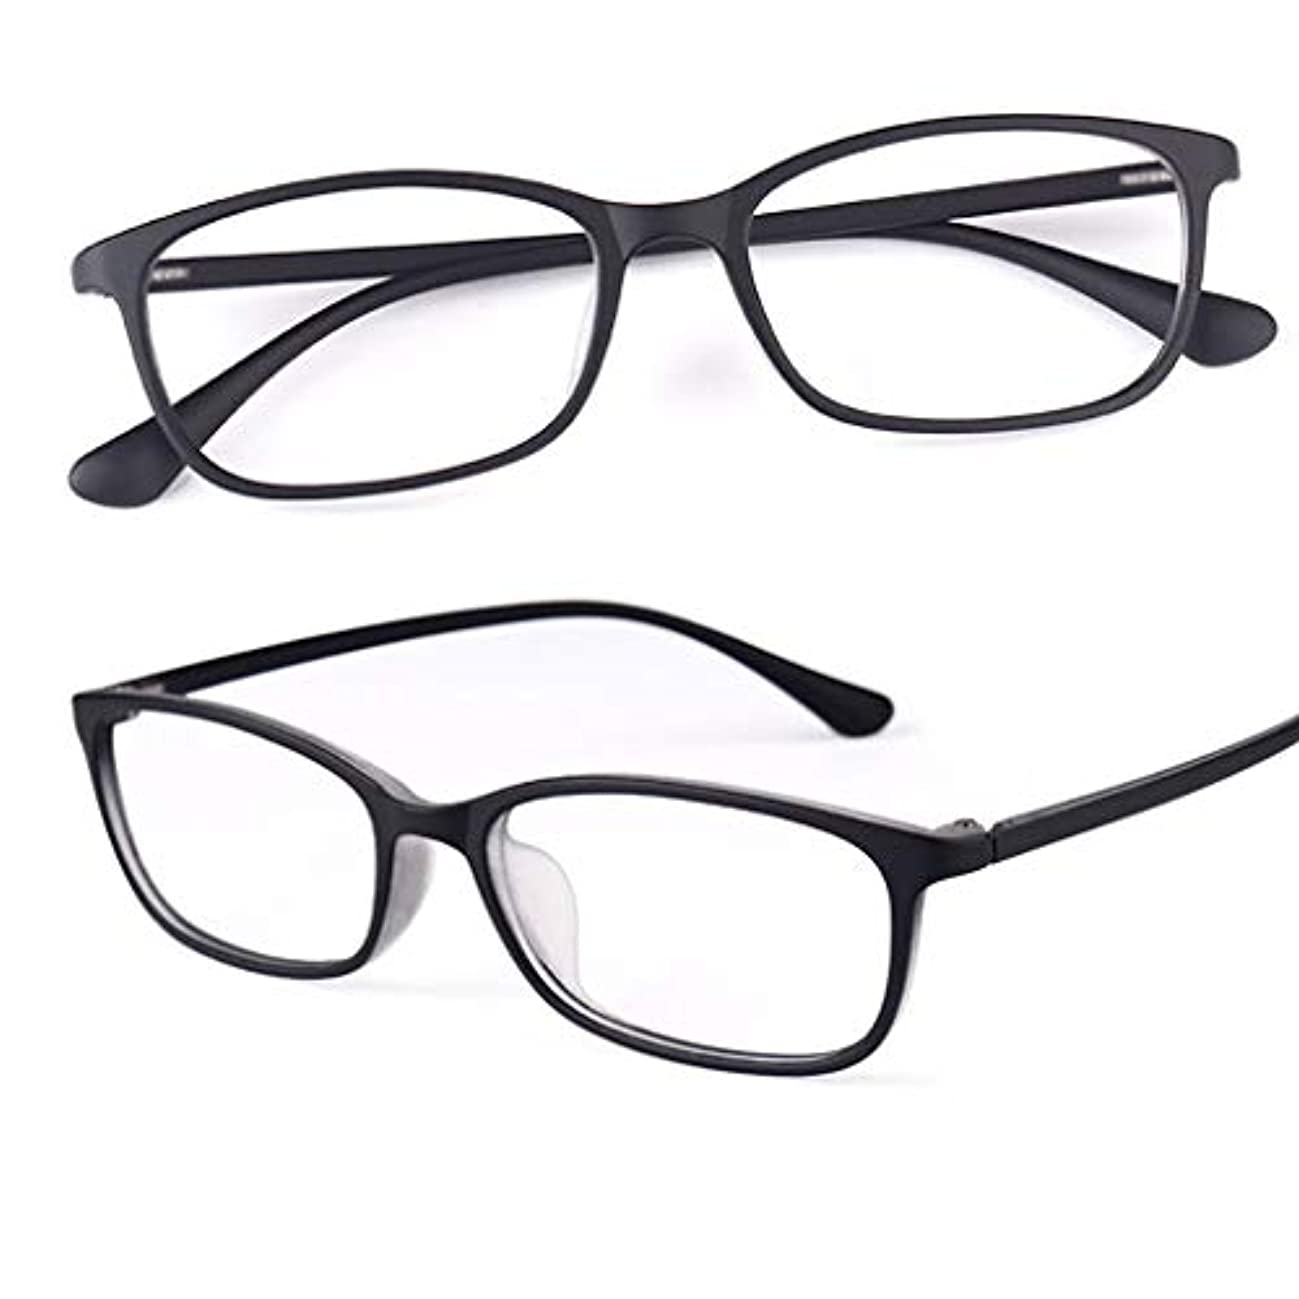 老眼鏡、遠近両用の女性用老眼鏡Blu-ray耐性樹脂レンズ、老眼鏡、サングラス収納アクセサリー-紫と黒| + 1.0、+ 2.0、+ 3.0